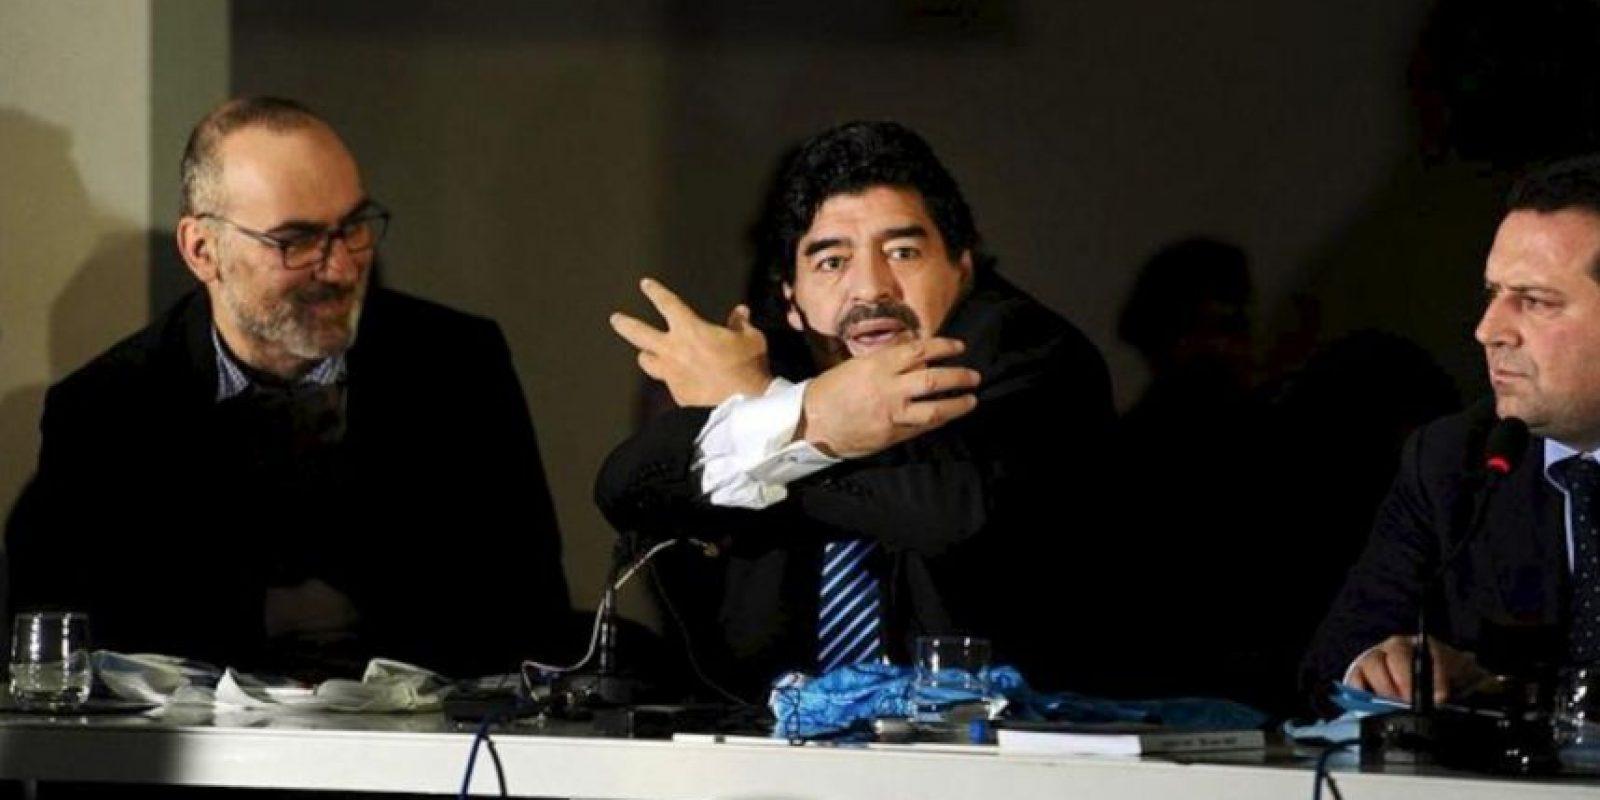 El exfutbolista argentino Diego Armando Maradona (c) ofrece hoy una rueda de prensa en Nápoles, Italia. EFE